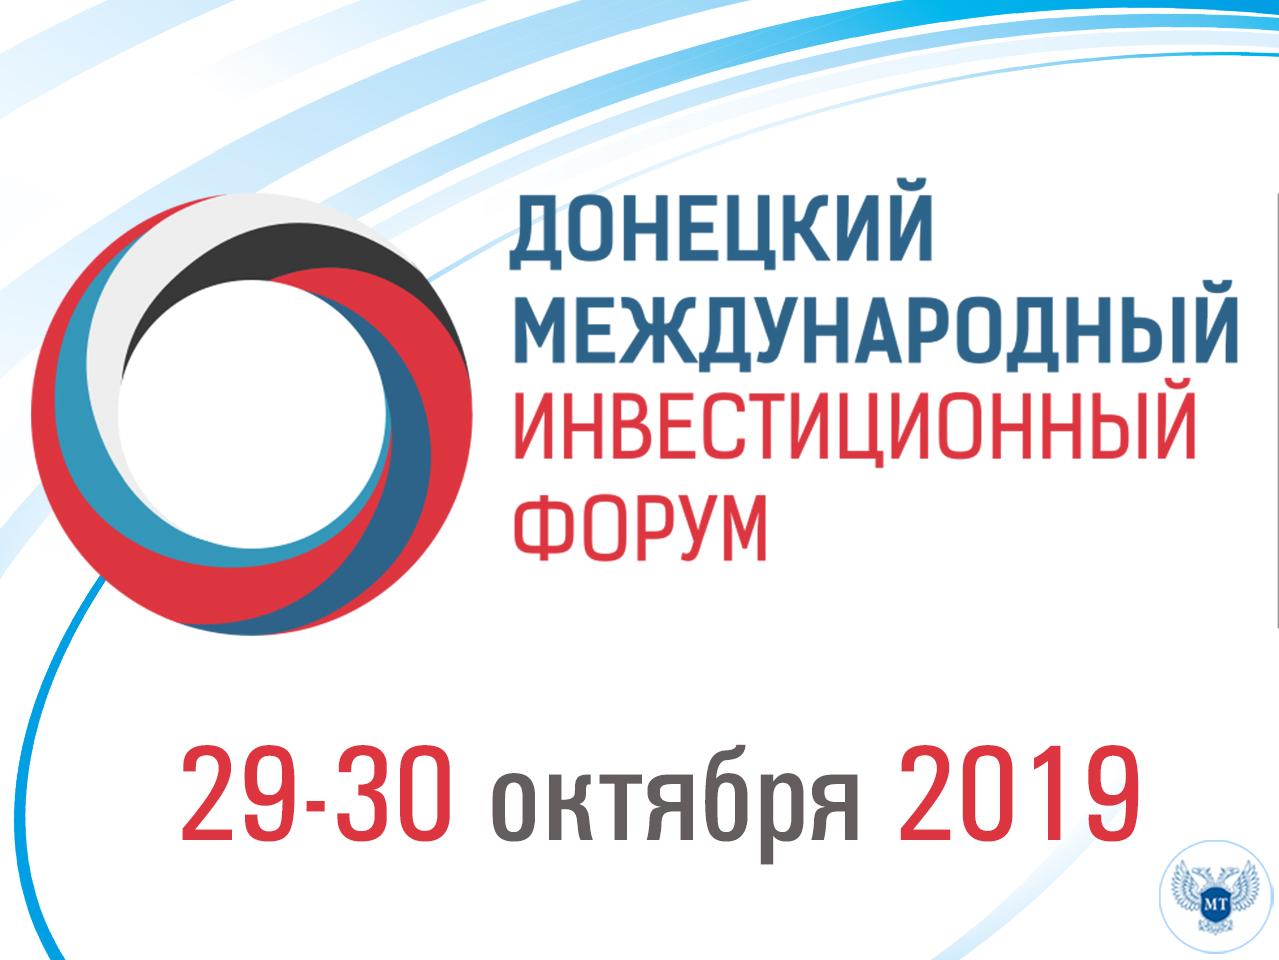 Инвестиционный форум по восстановление Донбасса состоится 29 октября в Мариуполе